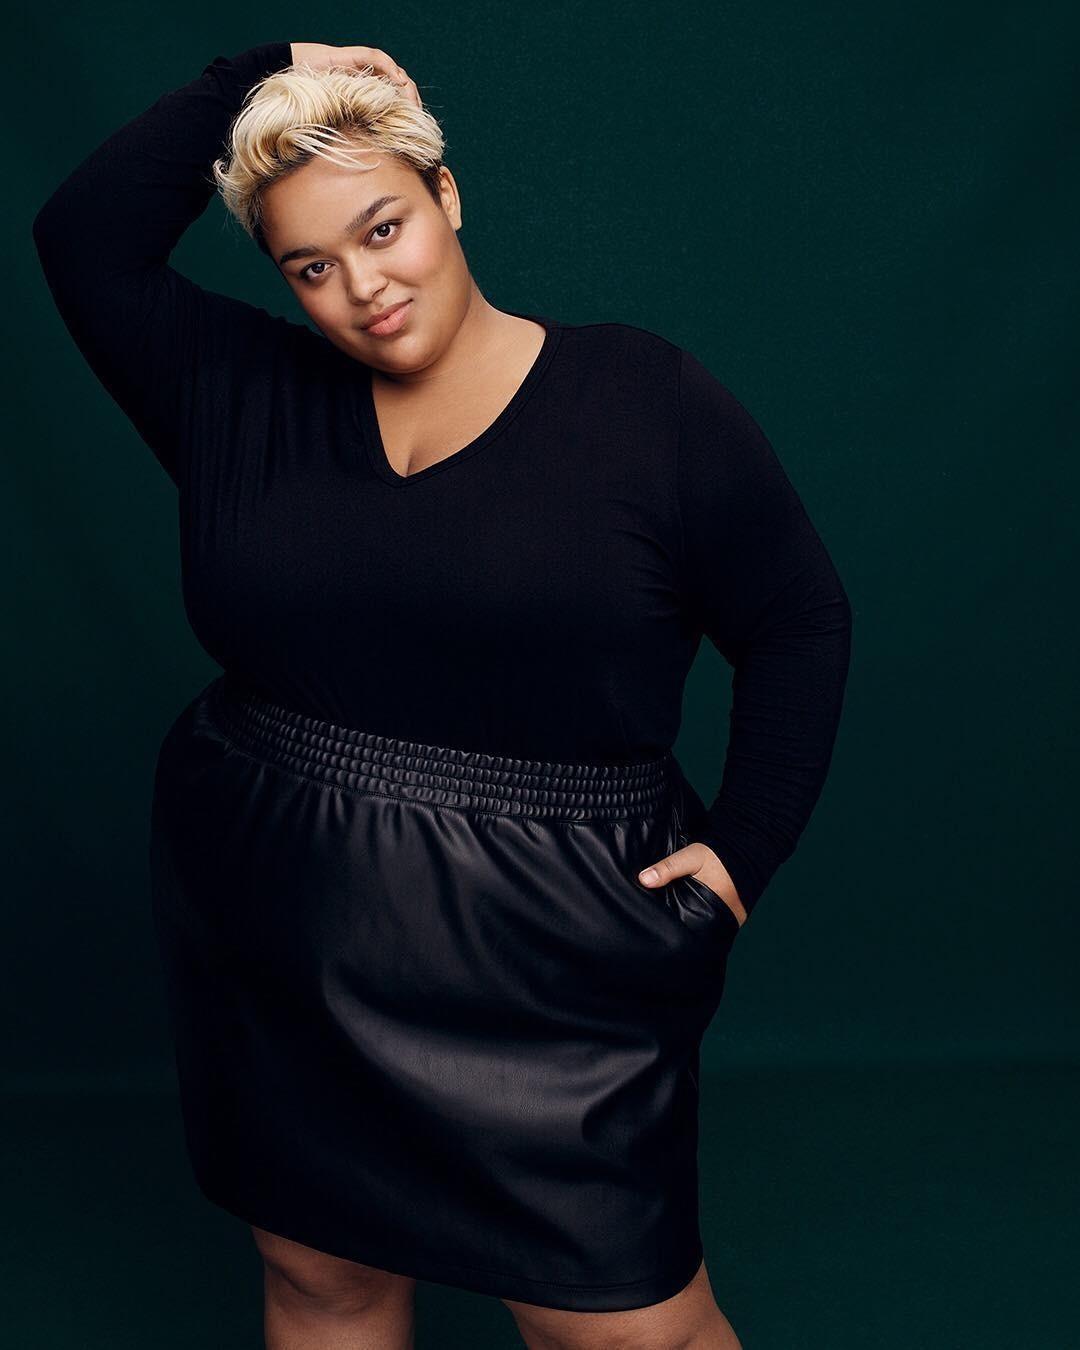 Гвинет Пэлтроу создала линию одежды для женщин с размером XXXXXL